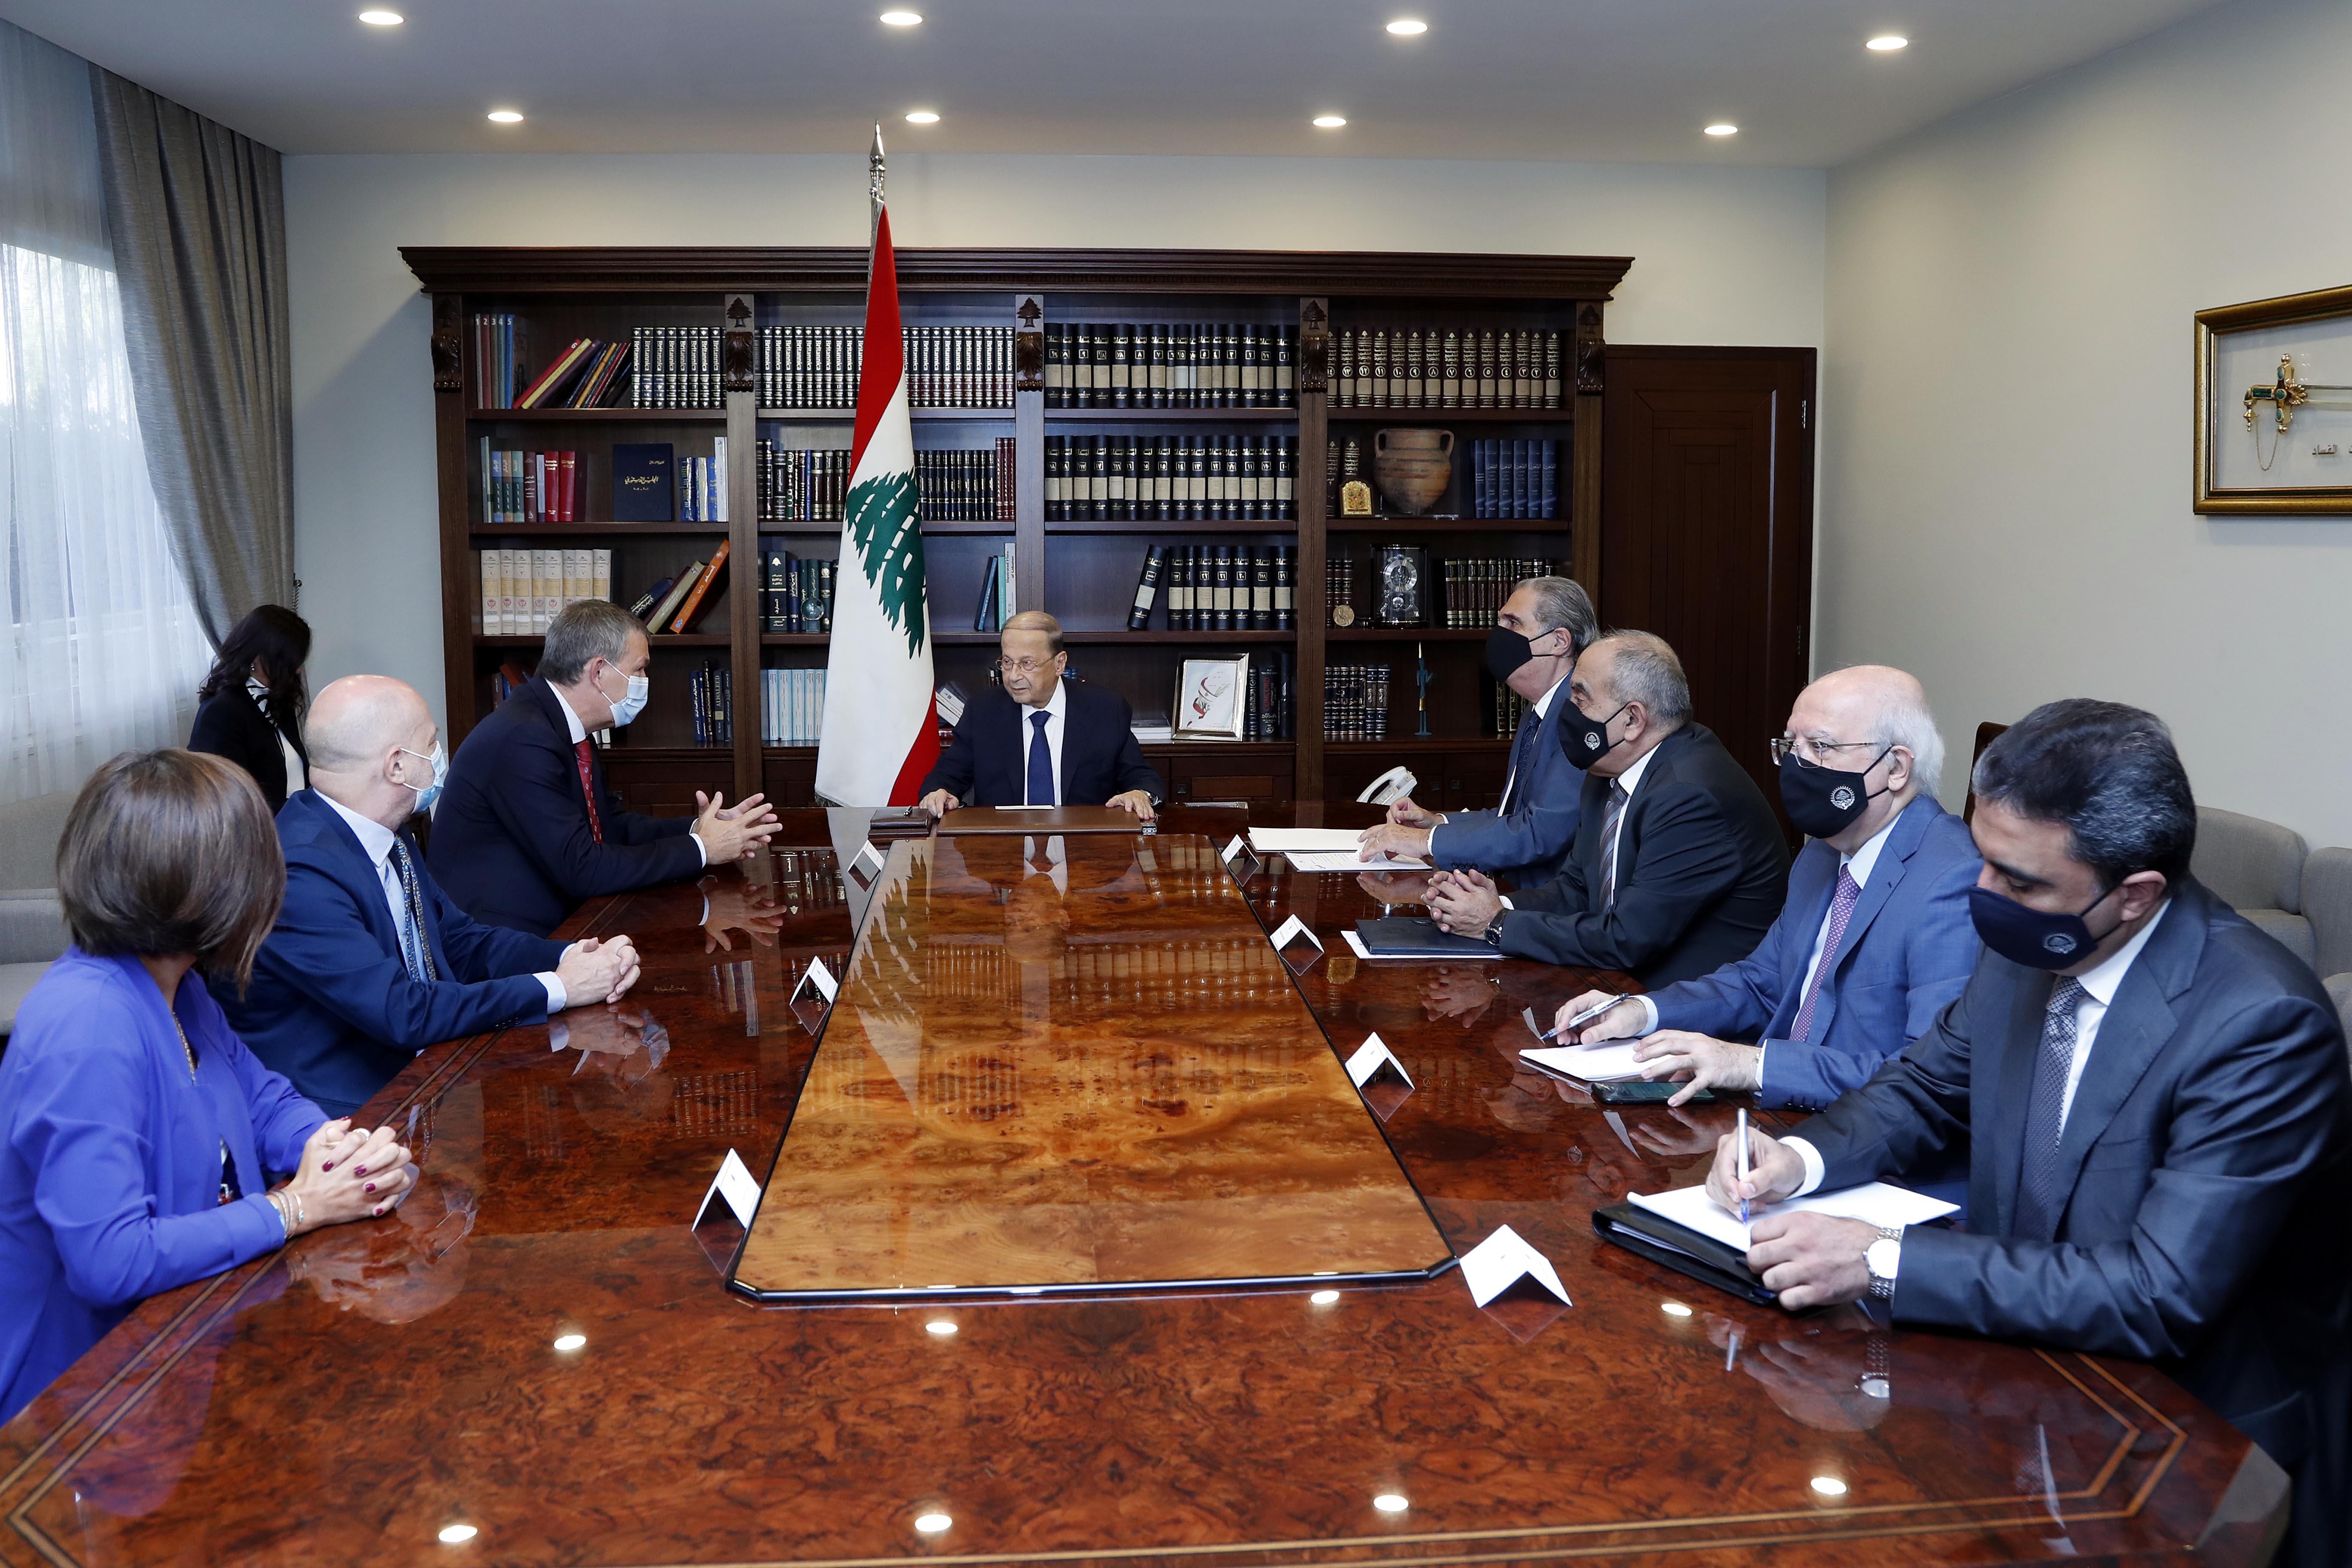 2 - UN Deputy Special Coordinator for Lebanon, Mr. Philippe Lazarini